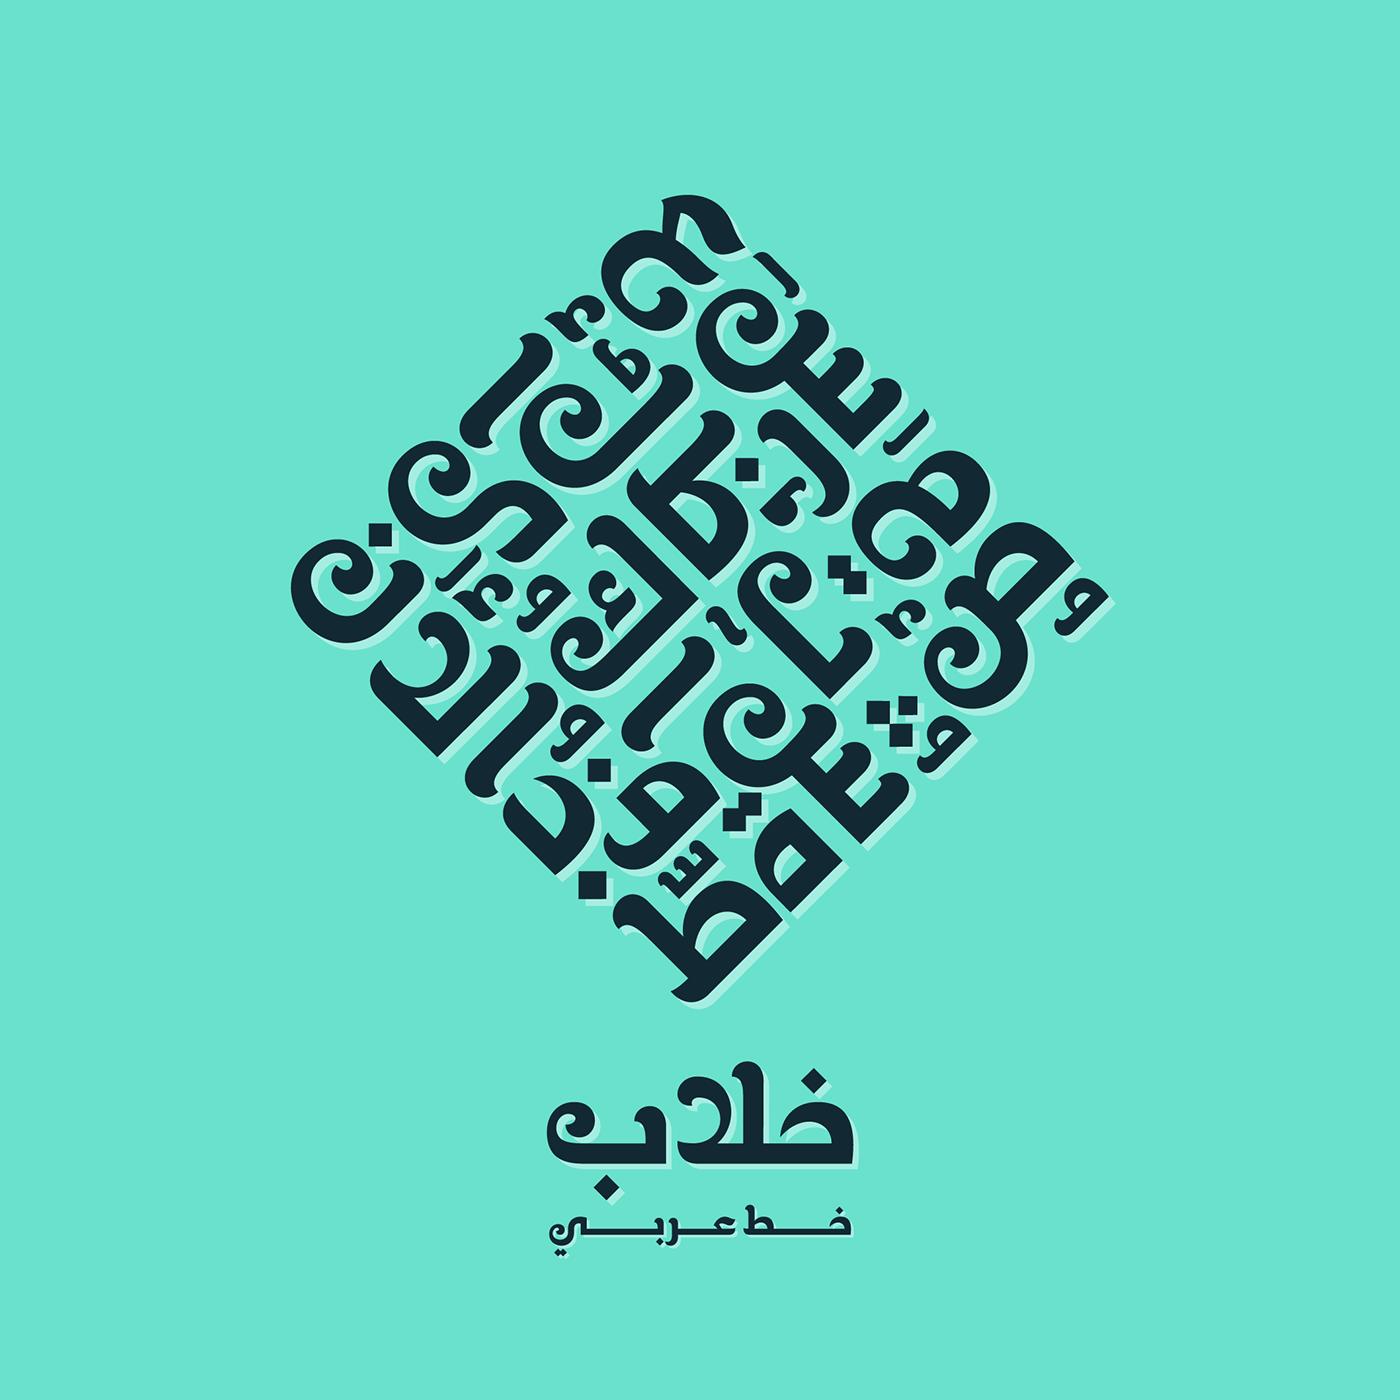 خط خلاب - Khallab Font